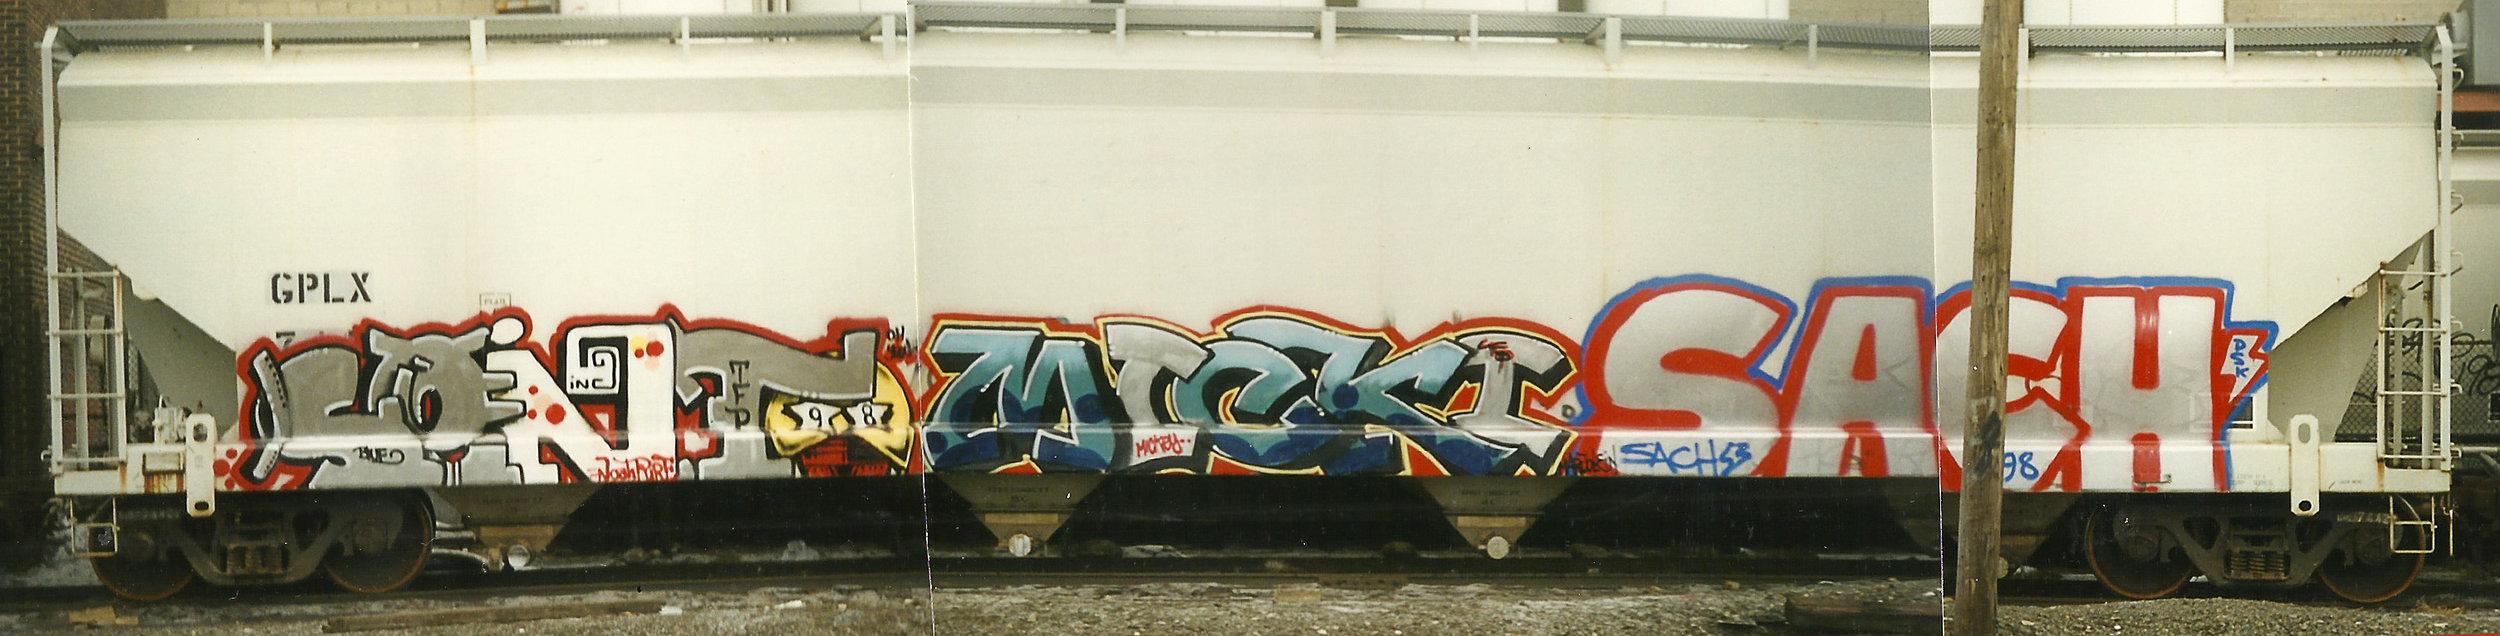 New York City, 1998    Sento - Mickey - Sach